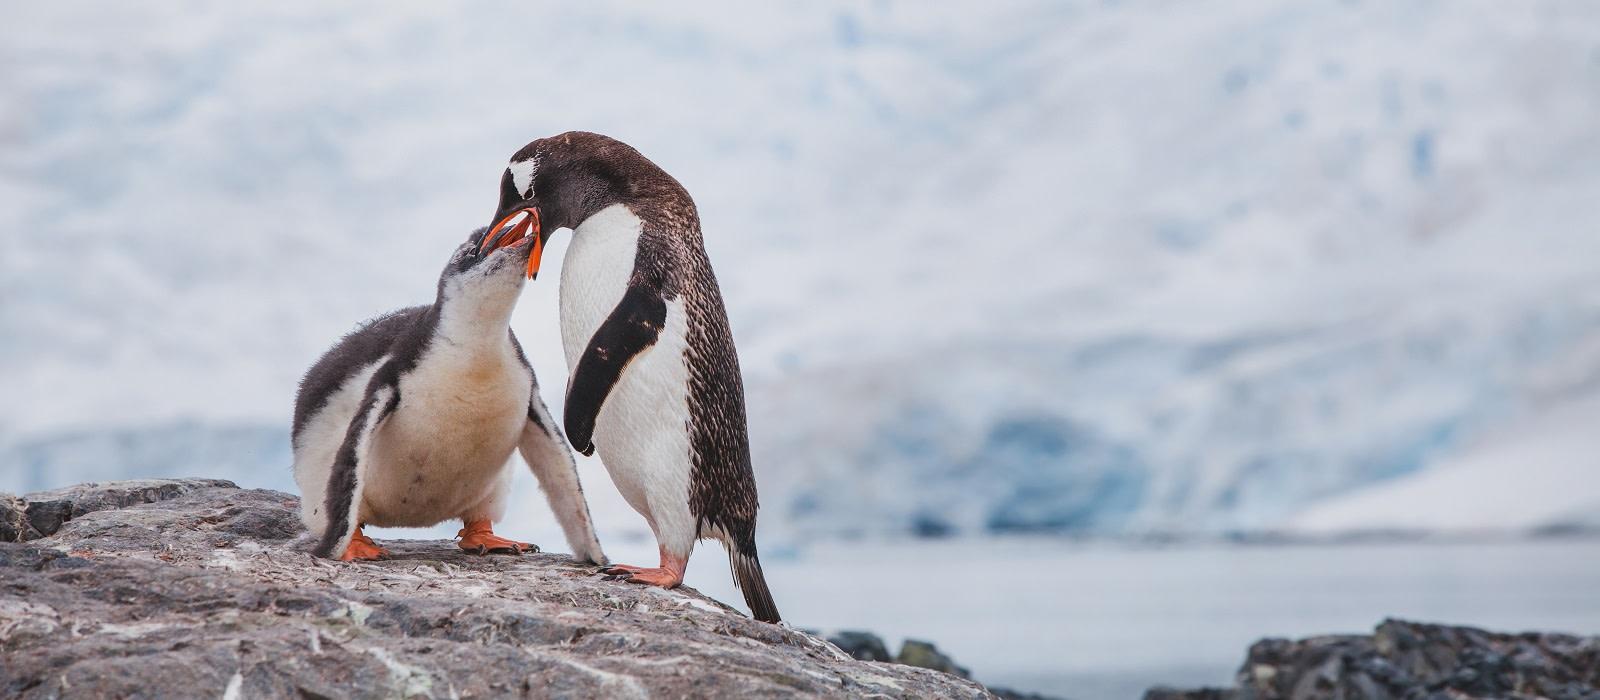 Argentinien und Antarktis Kreuzfahrt – feuriger Tango und glitzernde Gletscher Urlaub 1